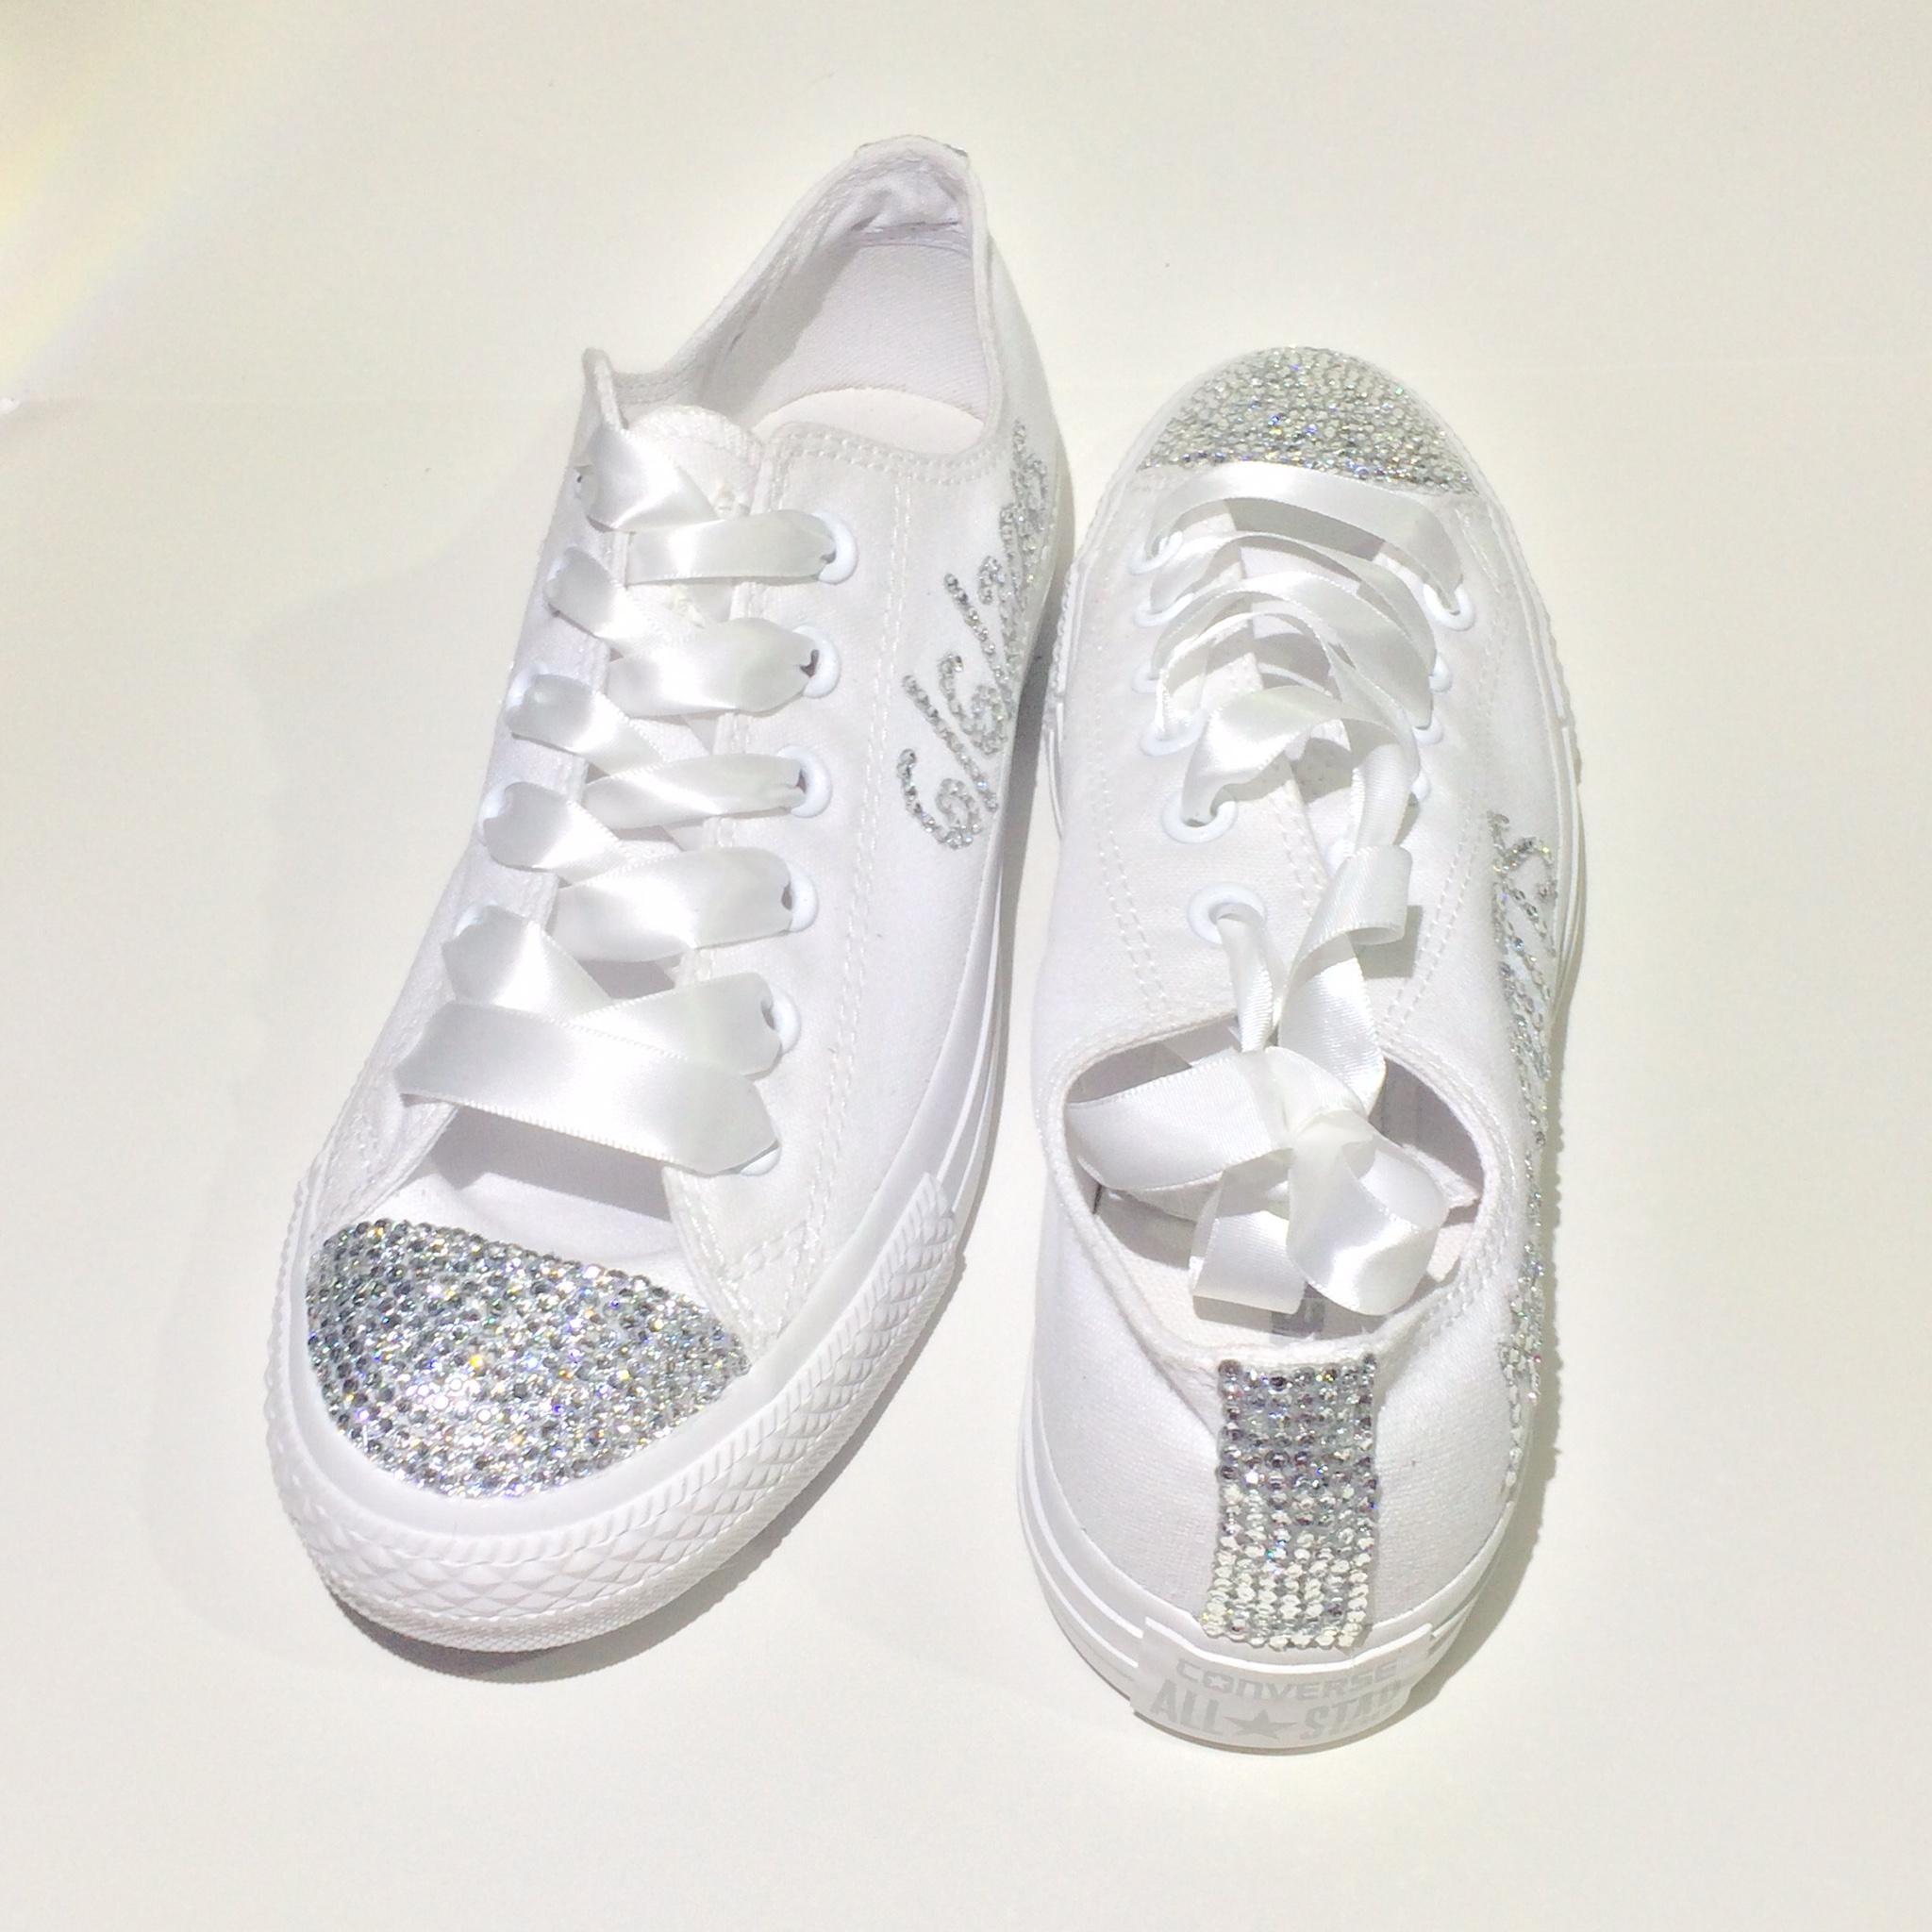 67402e04e06 Bride Monochrome White Rhinestone Converse